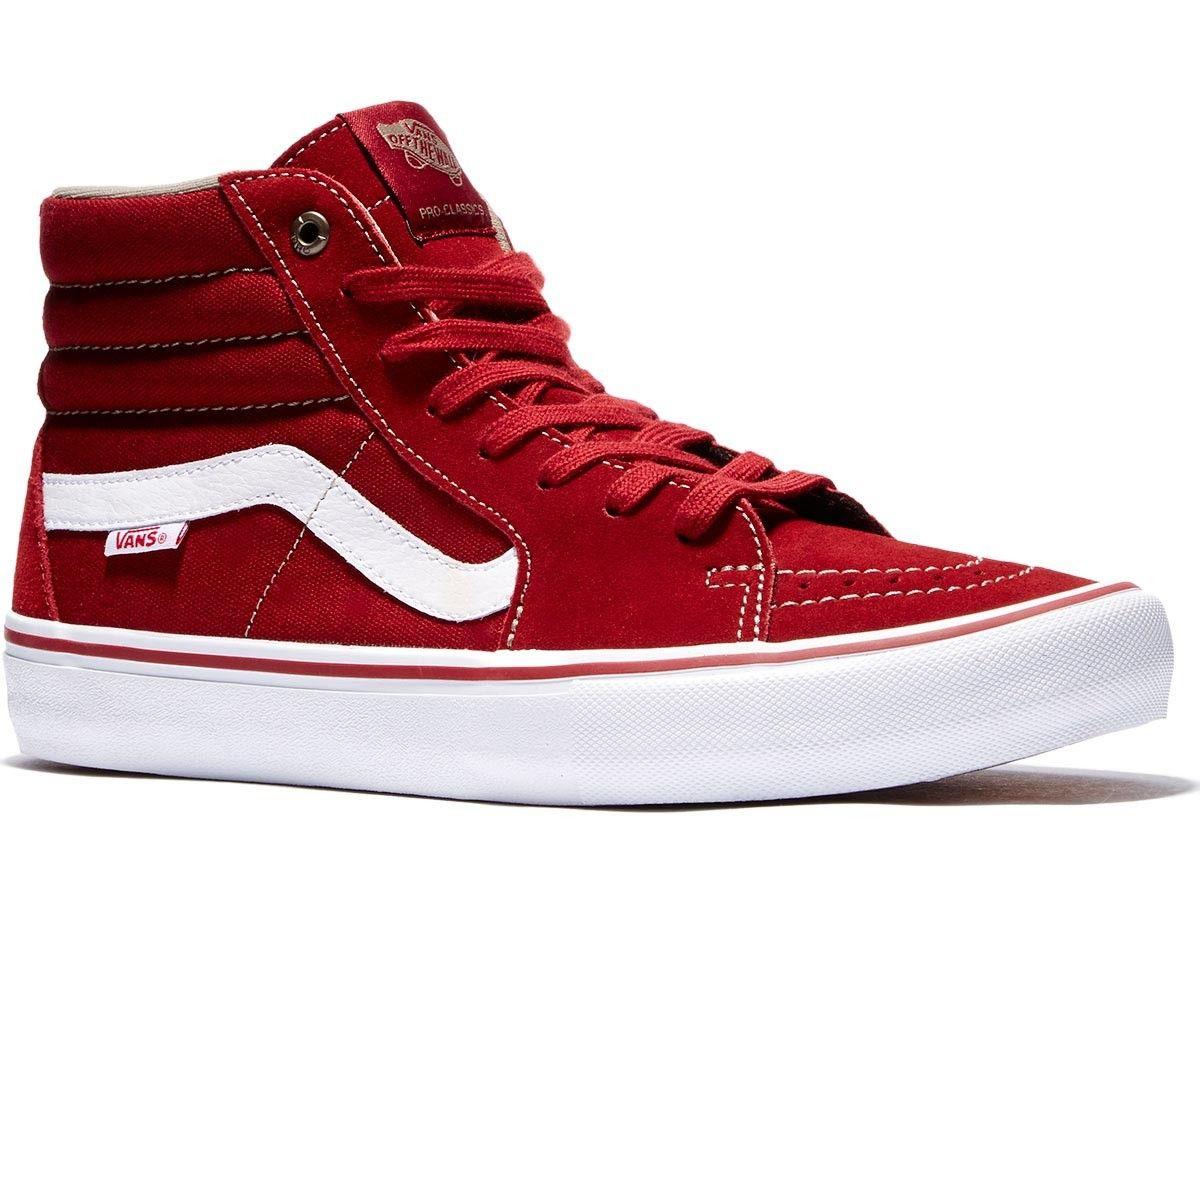 c697a14e9d Vans Sk8-Hi Pro Shoes - Red Dahlia White - 8.0